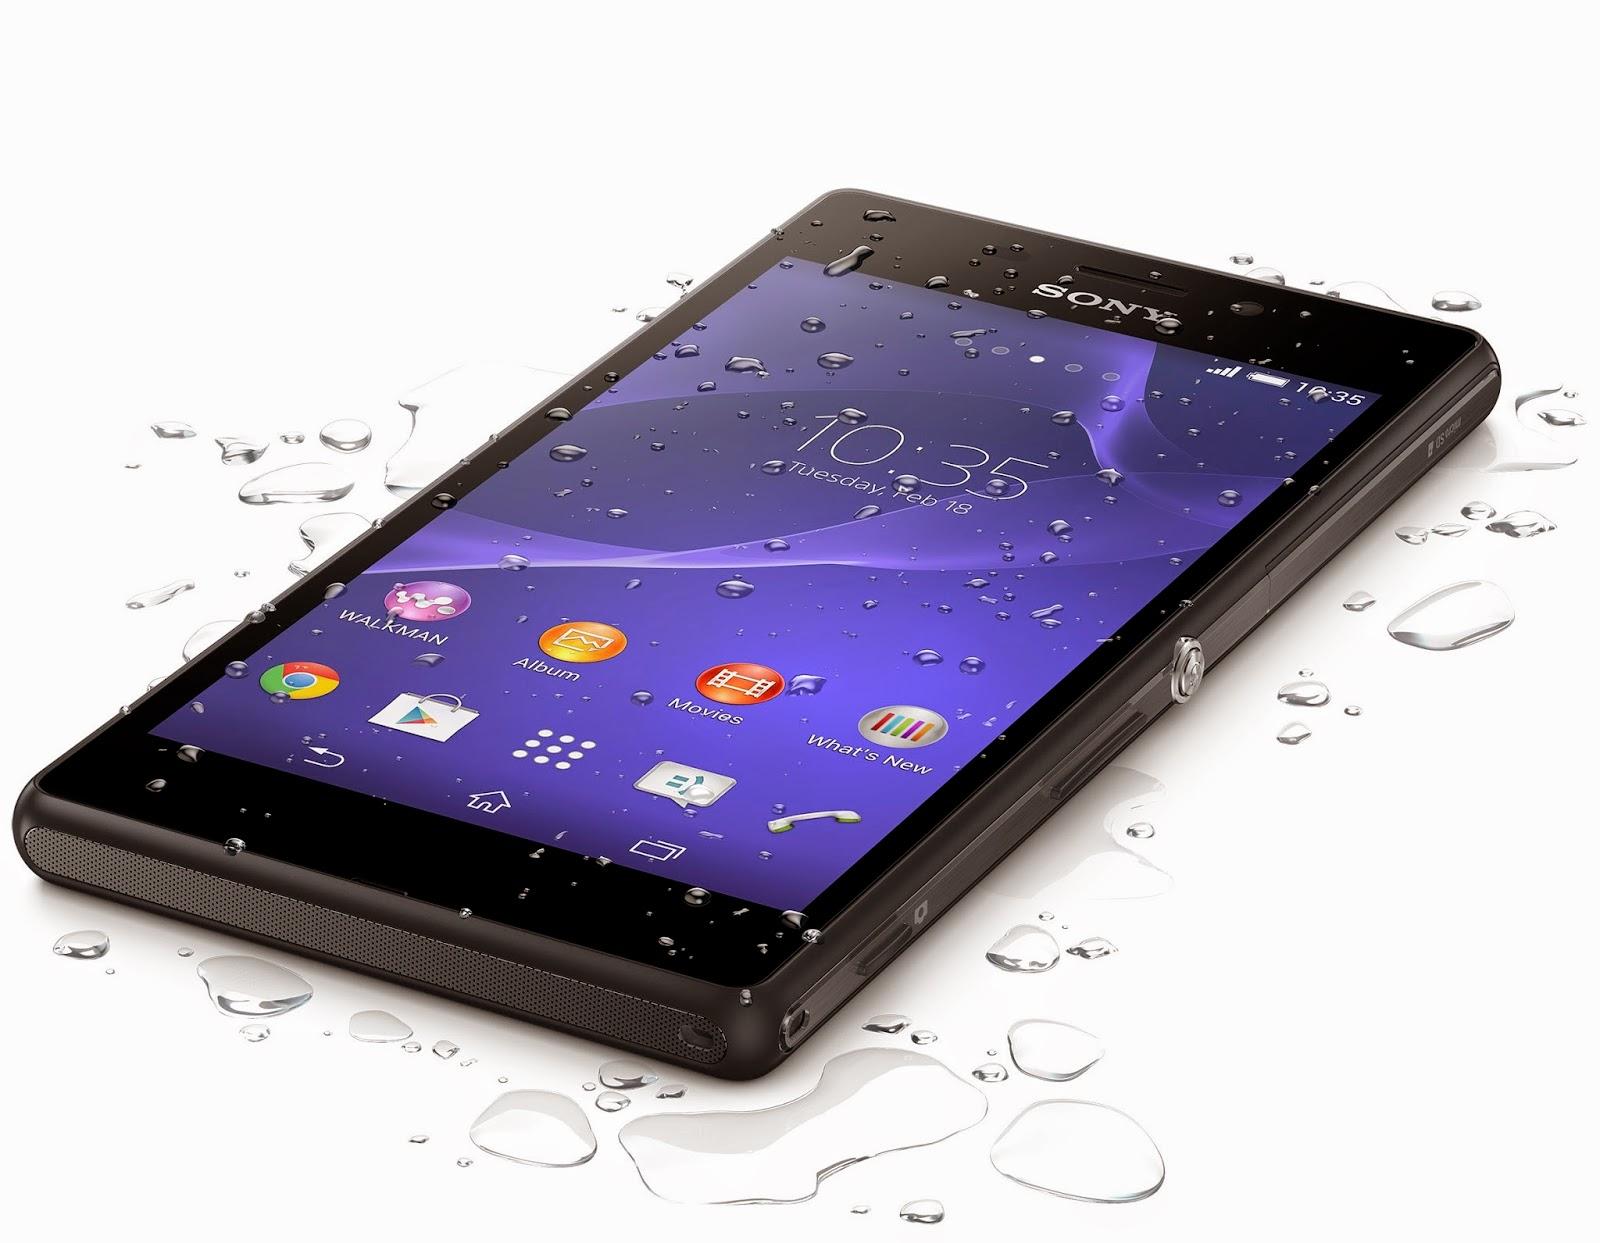 Harga Dan Spesifikasi Sony Xperia M2 Aqua, Smartphone Android Tahan Air